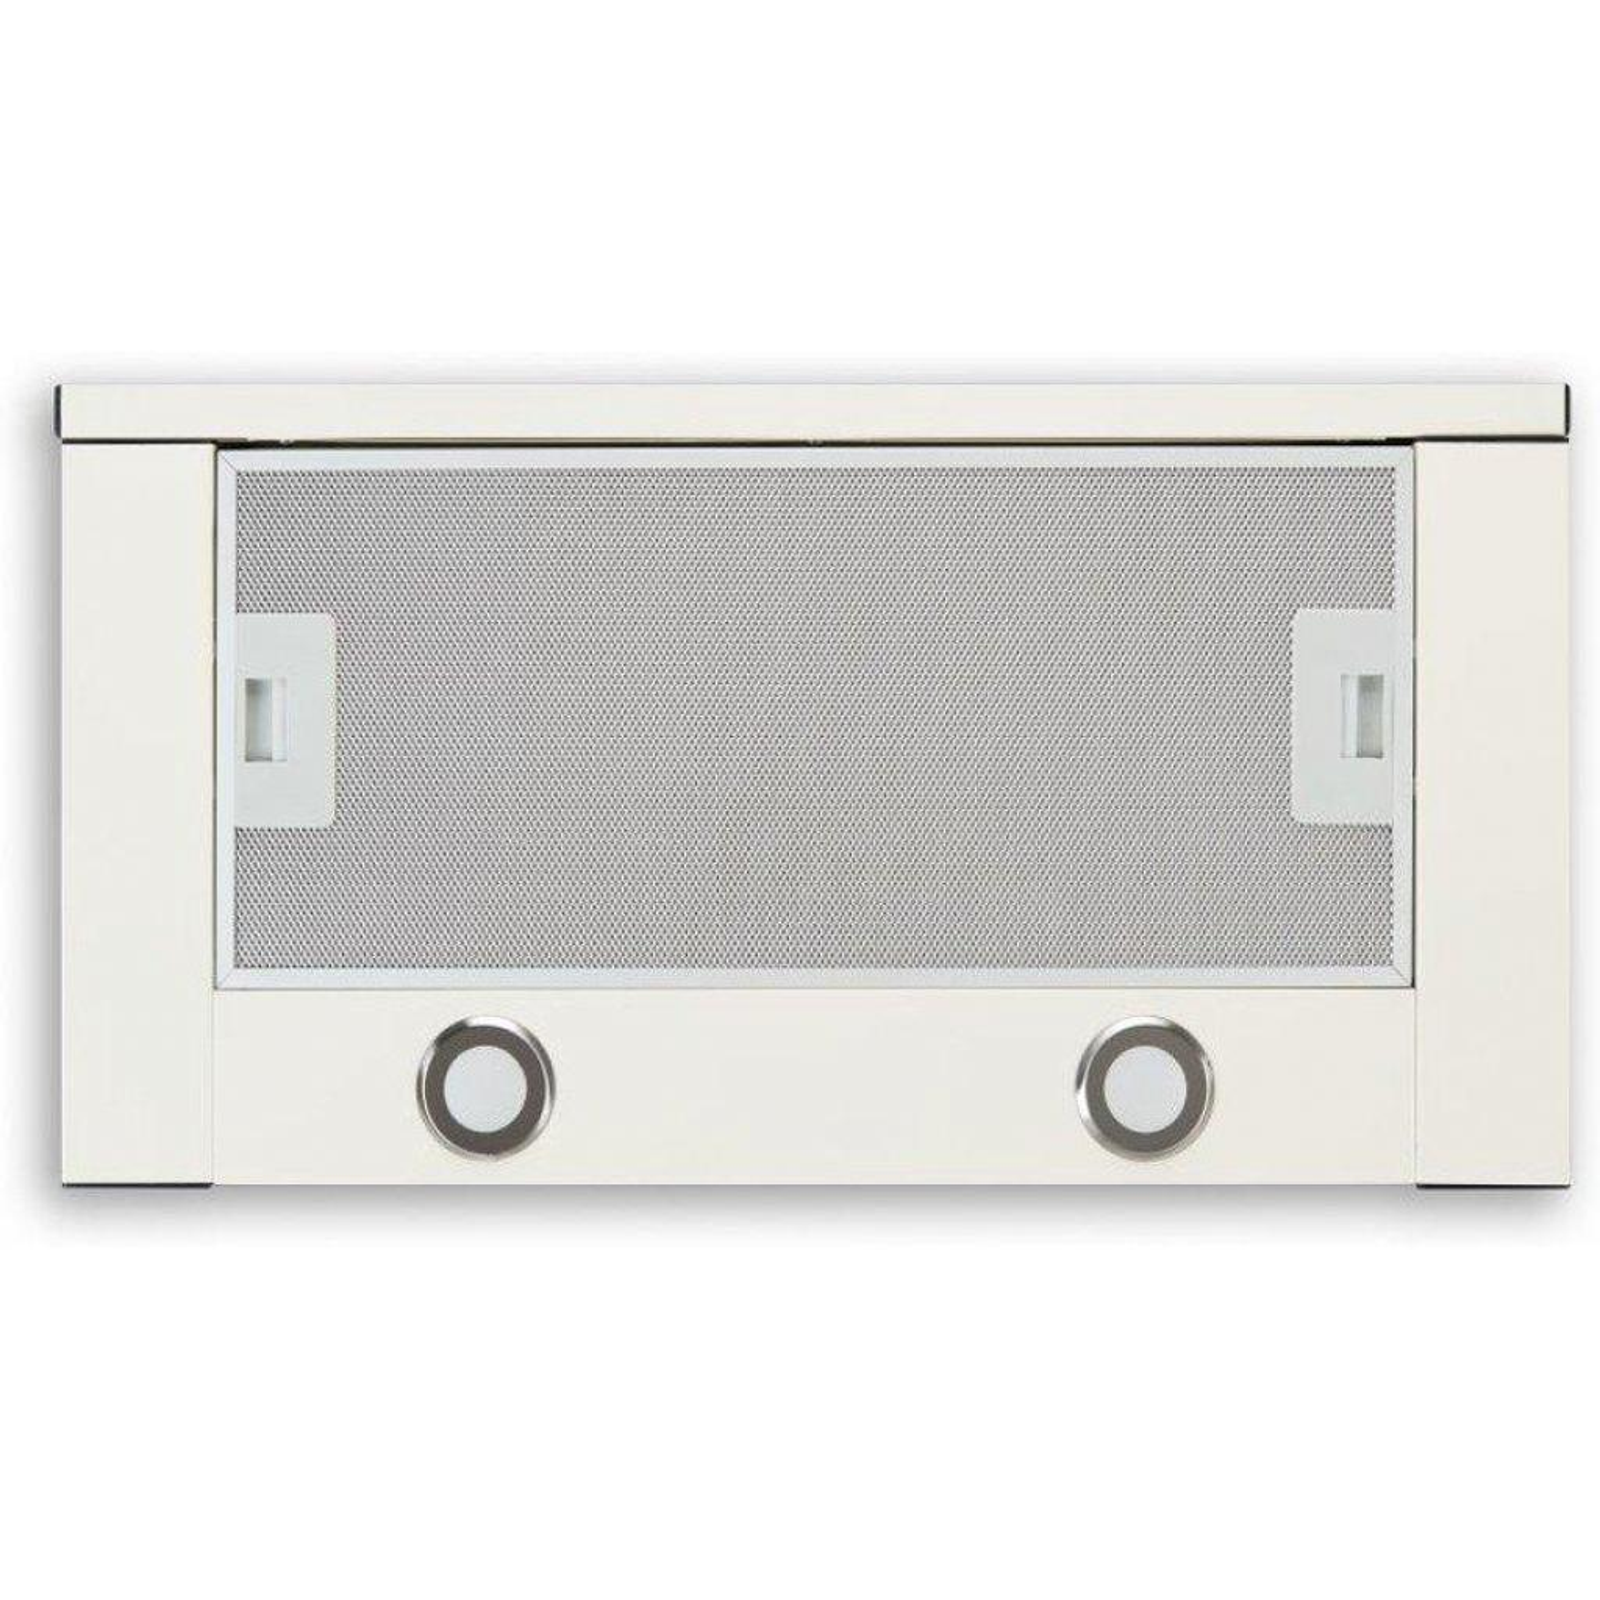 Вытяжка кухонная MINOLA HTL 6012 IV 450 LED изображение 3